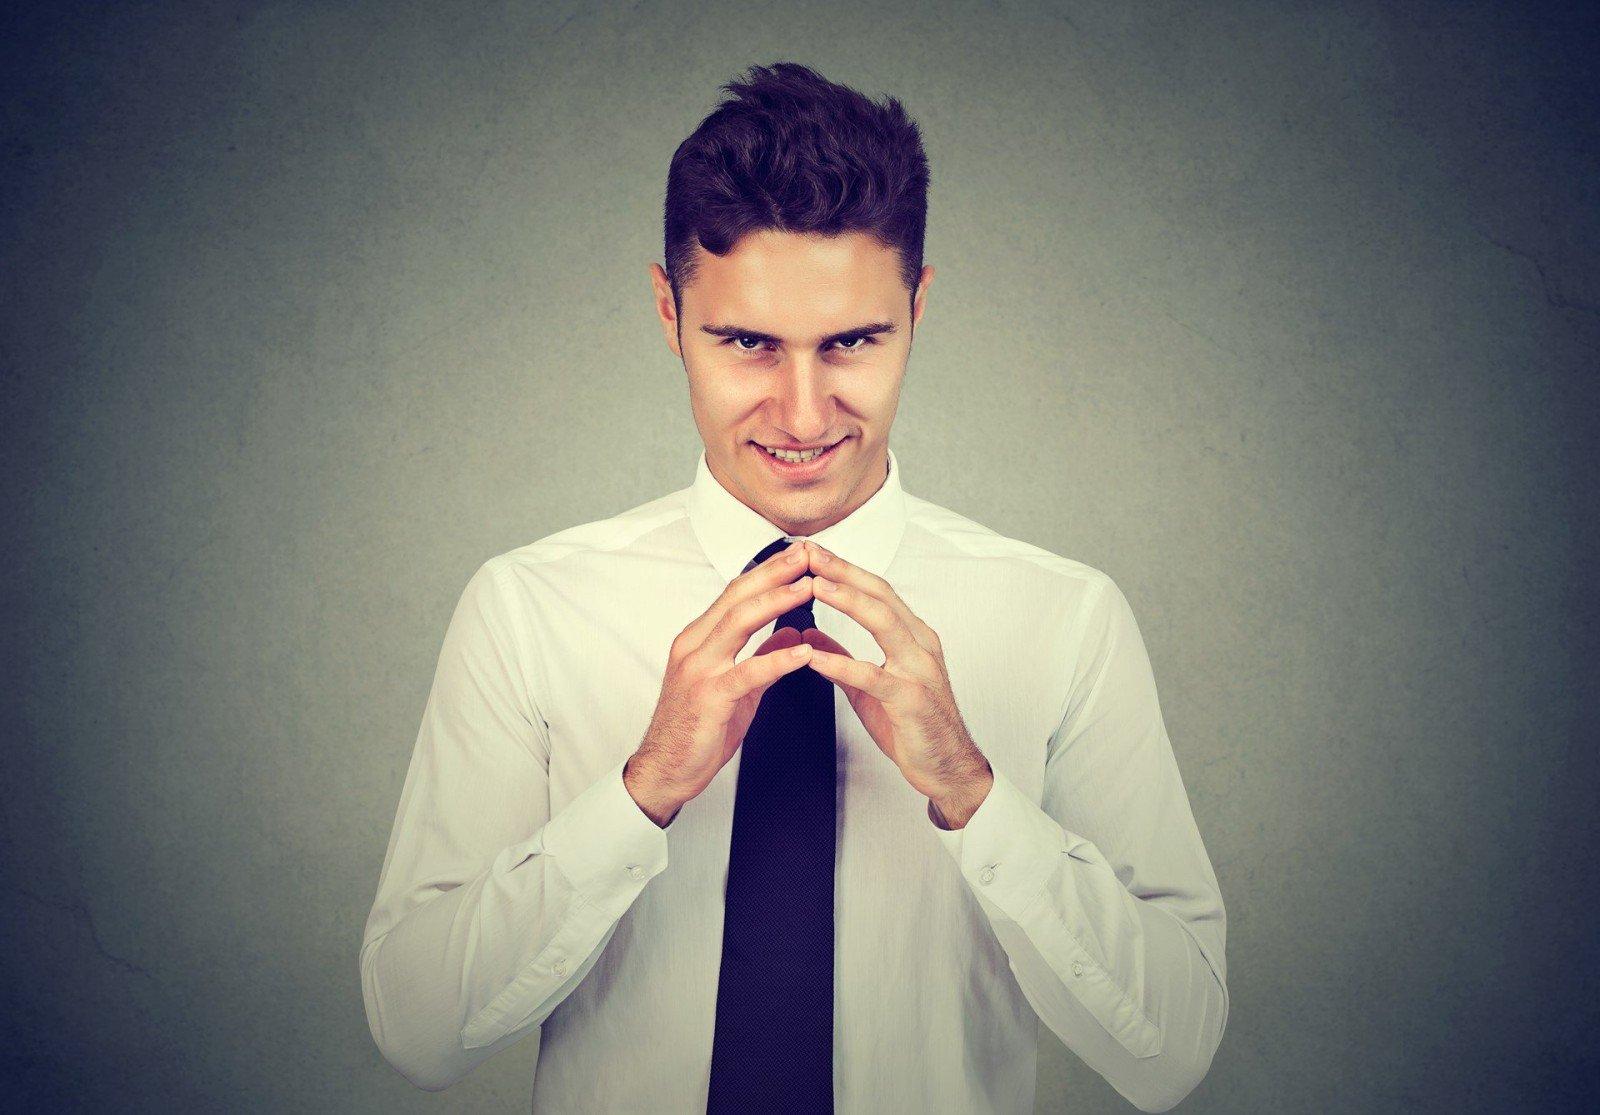 Осторожно, мужское коварство! Как распознать манипуляцию в отношениях (и обезвредить)